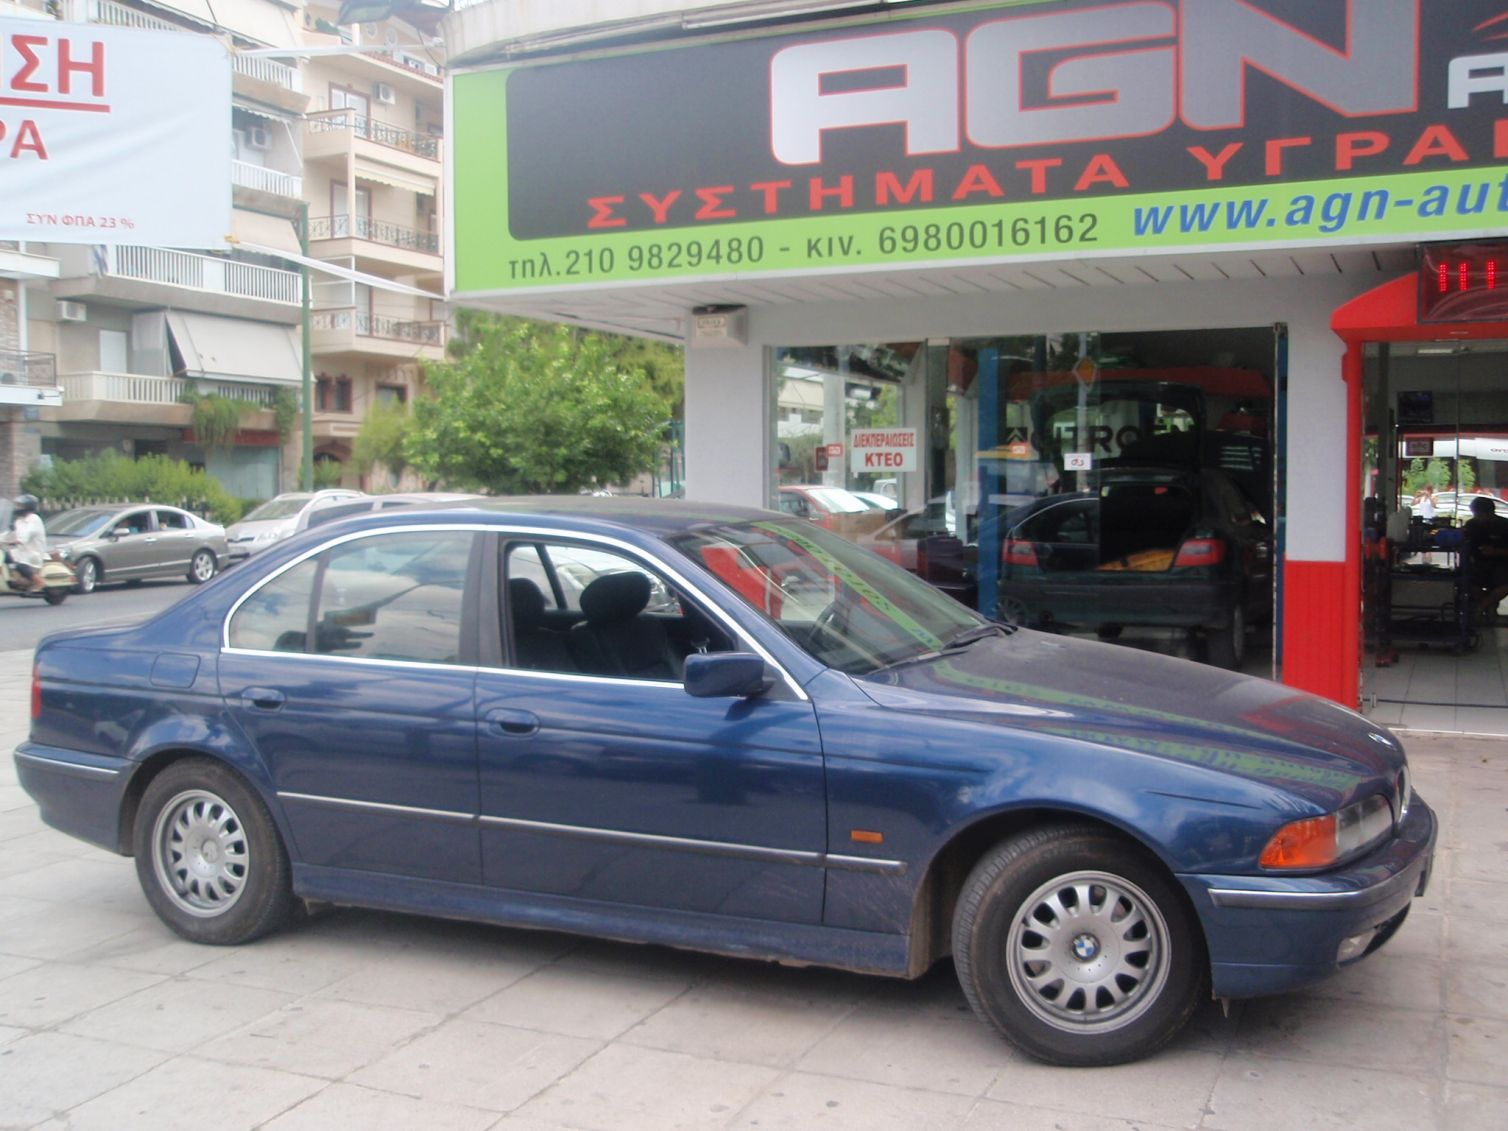 BMW 520 I 2000cc, 1997 ME BRC P&D 60LT